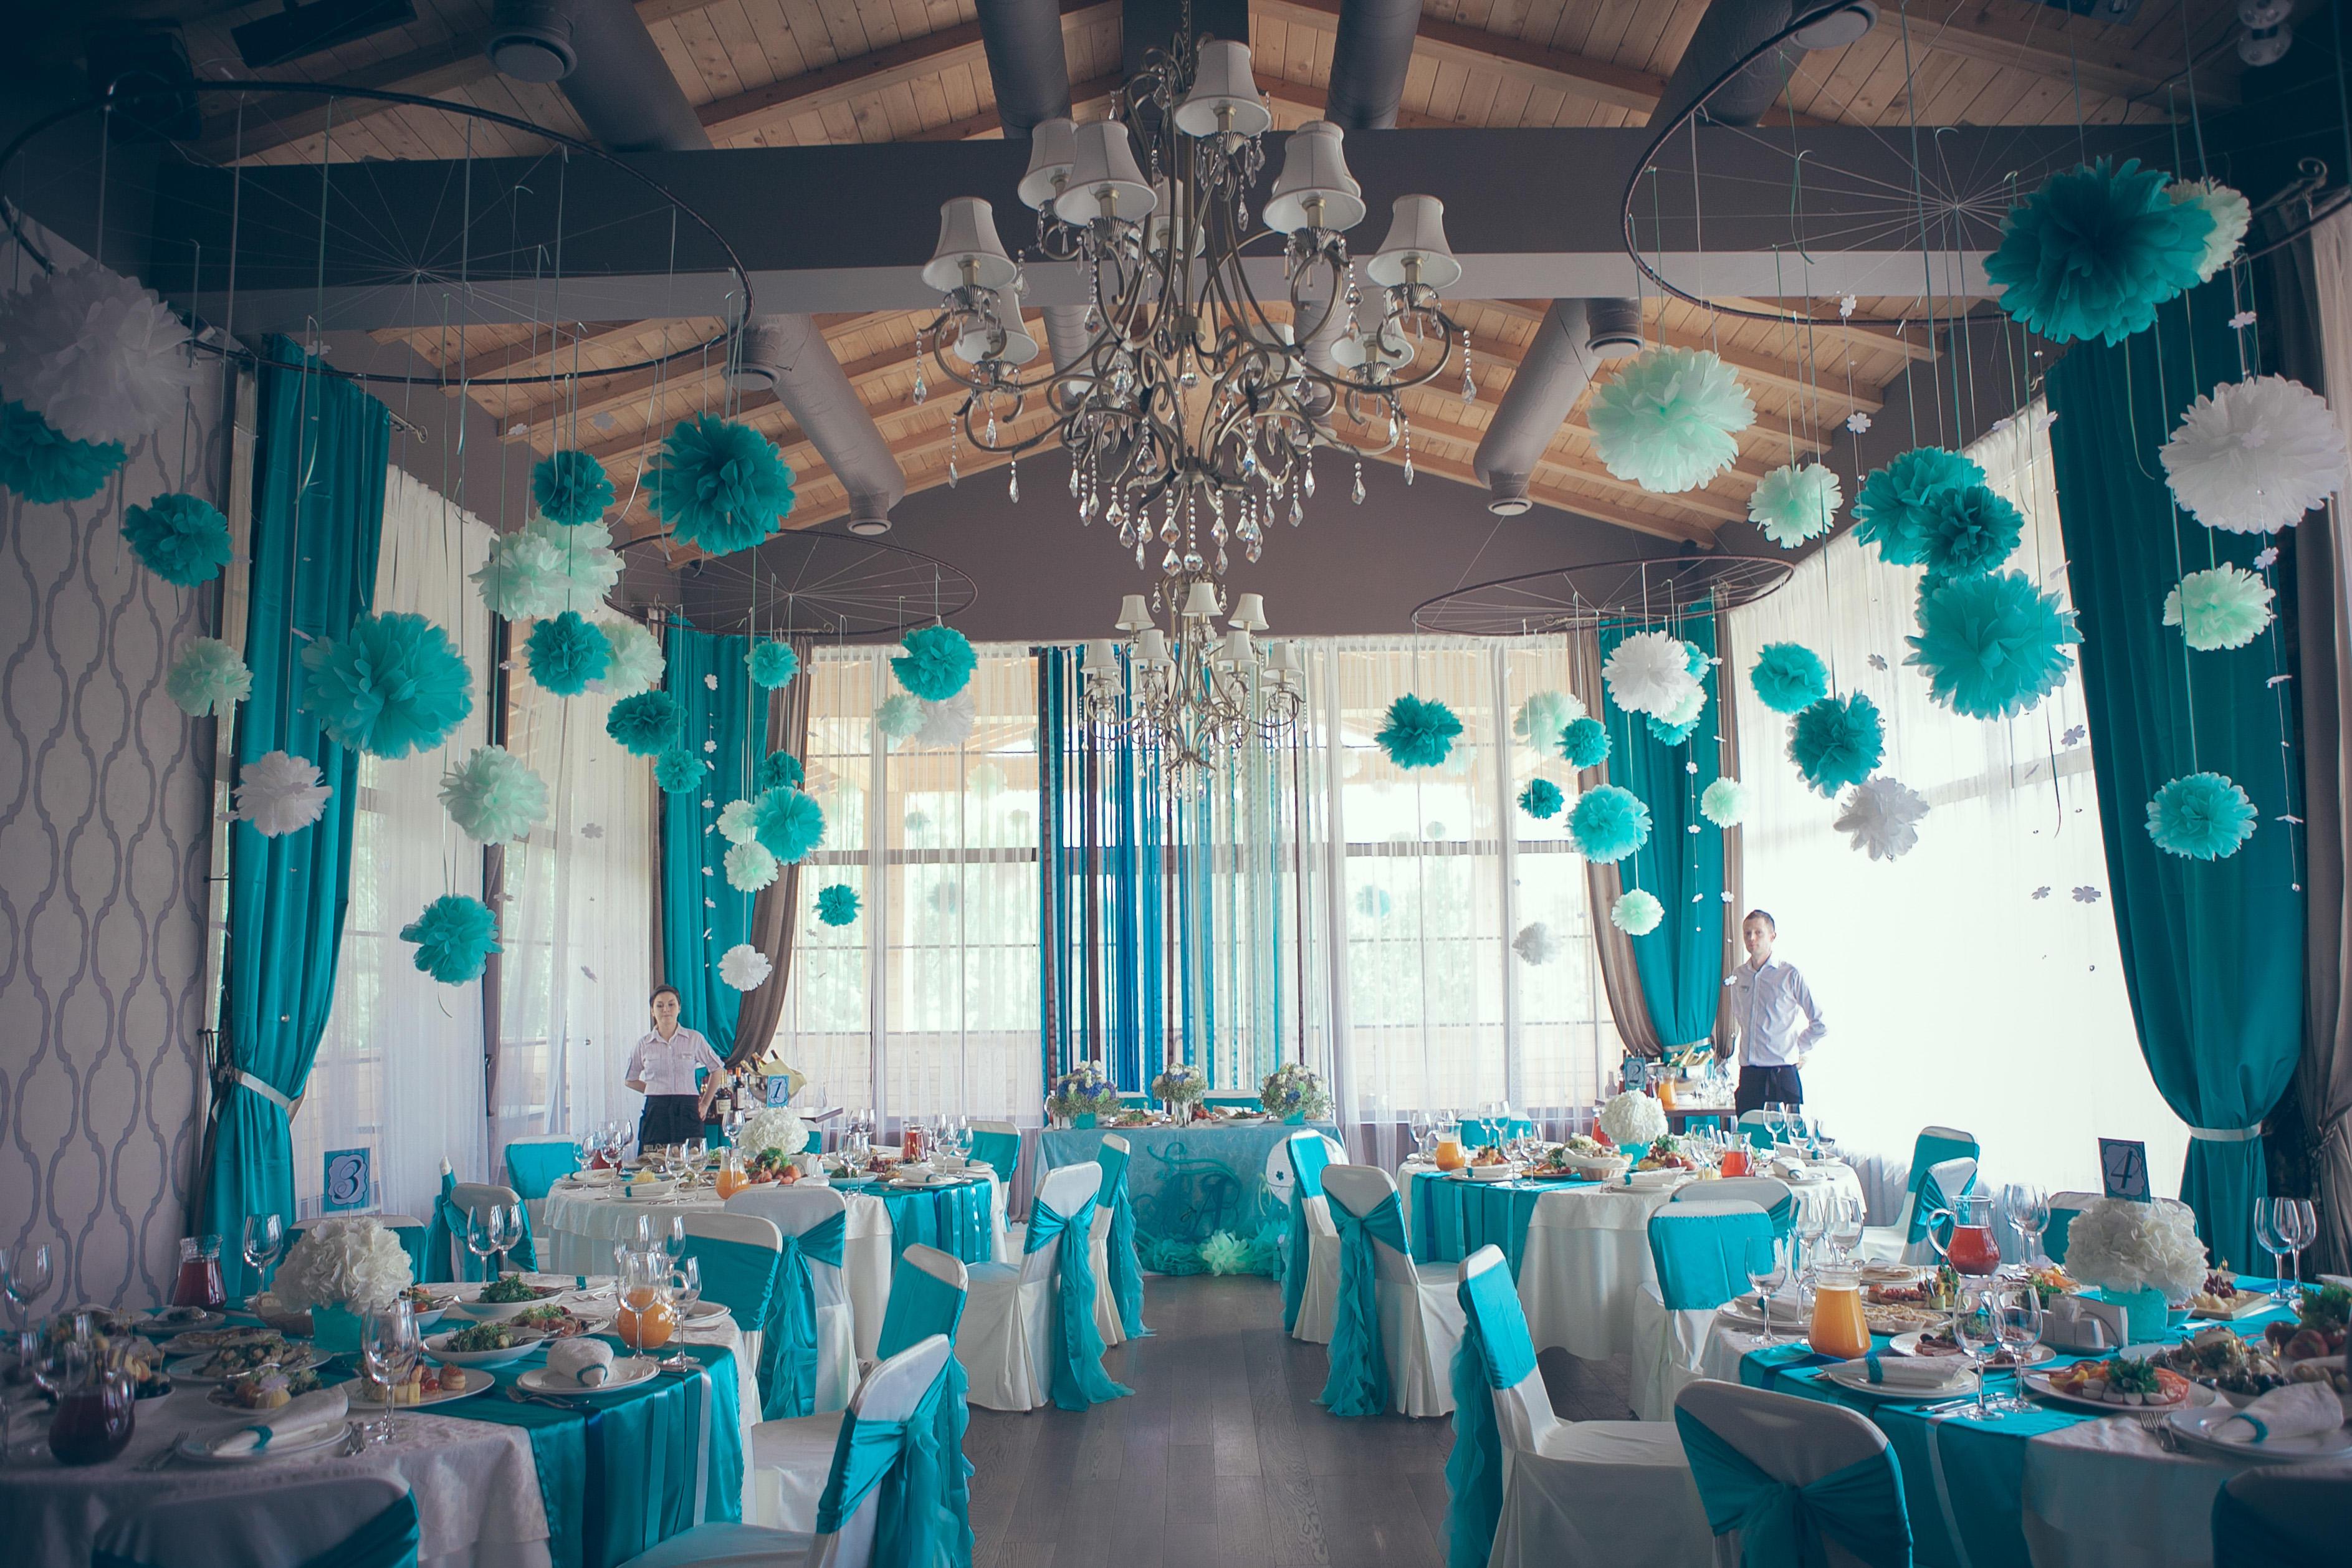 Хорошей альтернативой воздушным шарам станут яркие разноцветные бумажные помпоны, которые добавят оригинальности вашему празднику